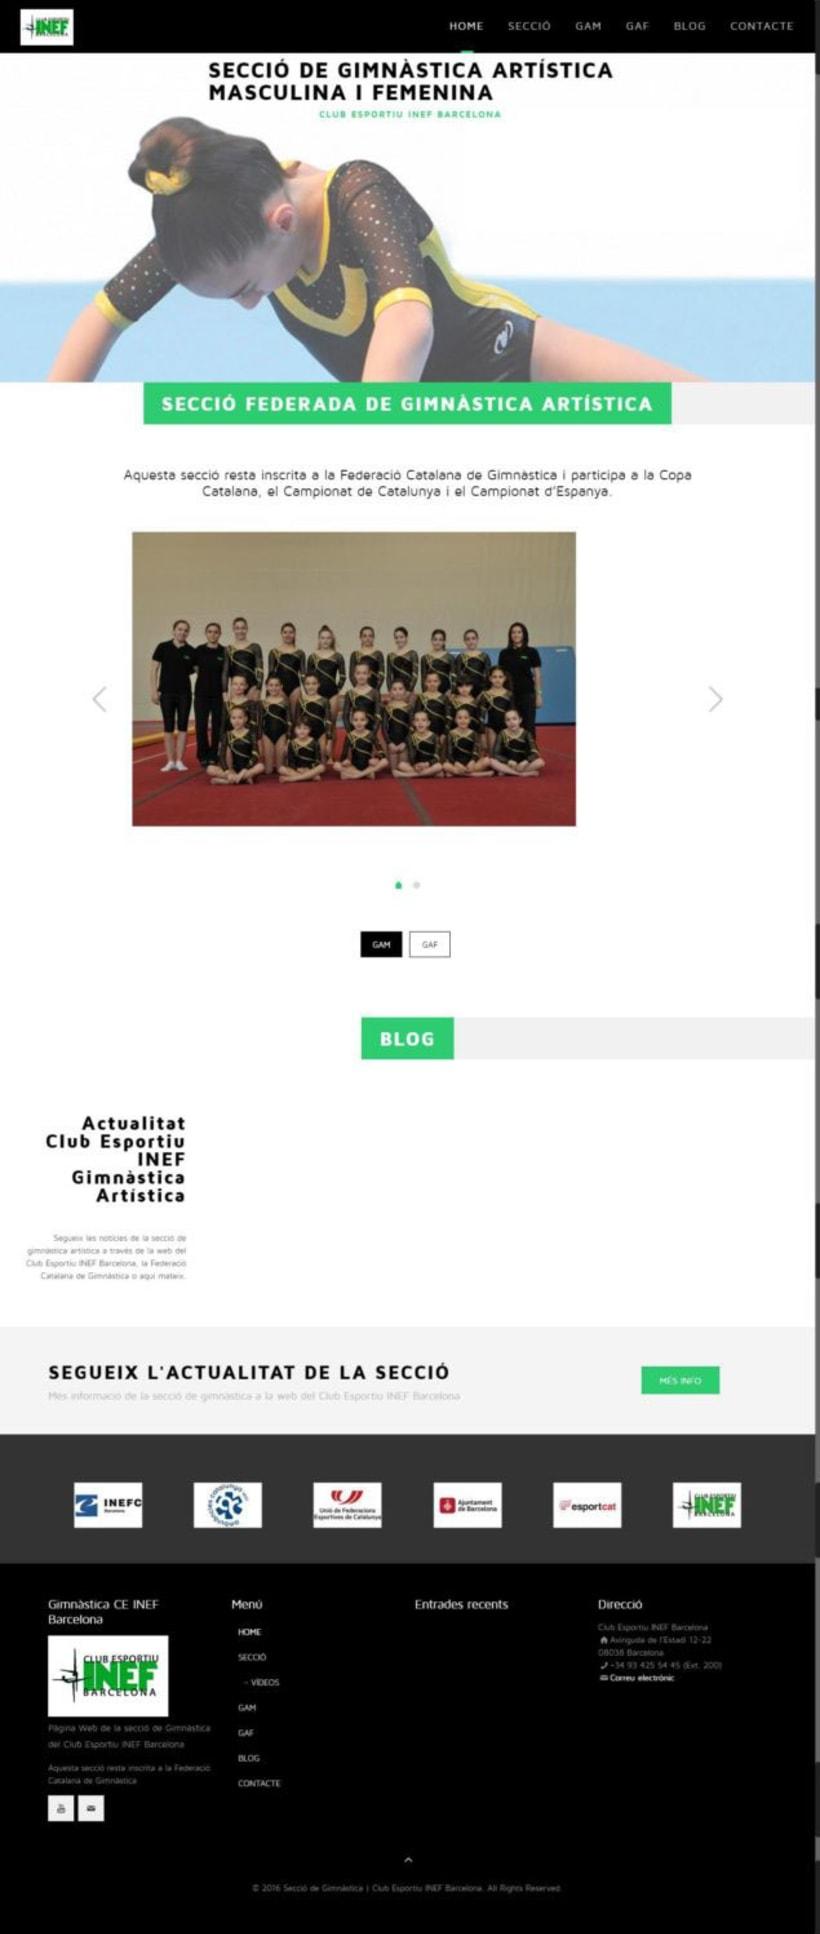 Web de les Seccions del Club Esportiu INEF Barcelona - 2016 3